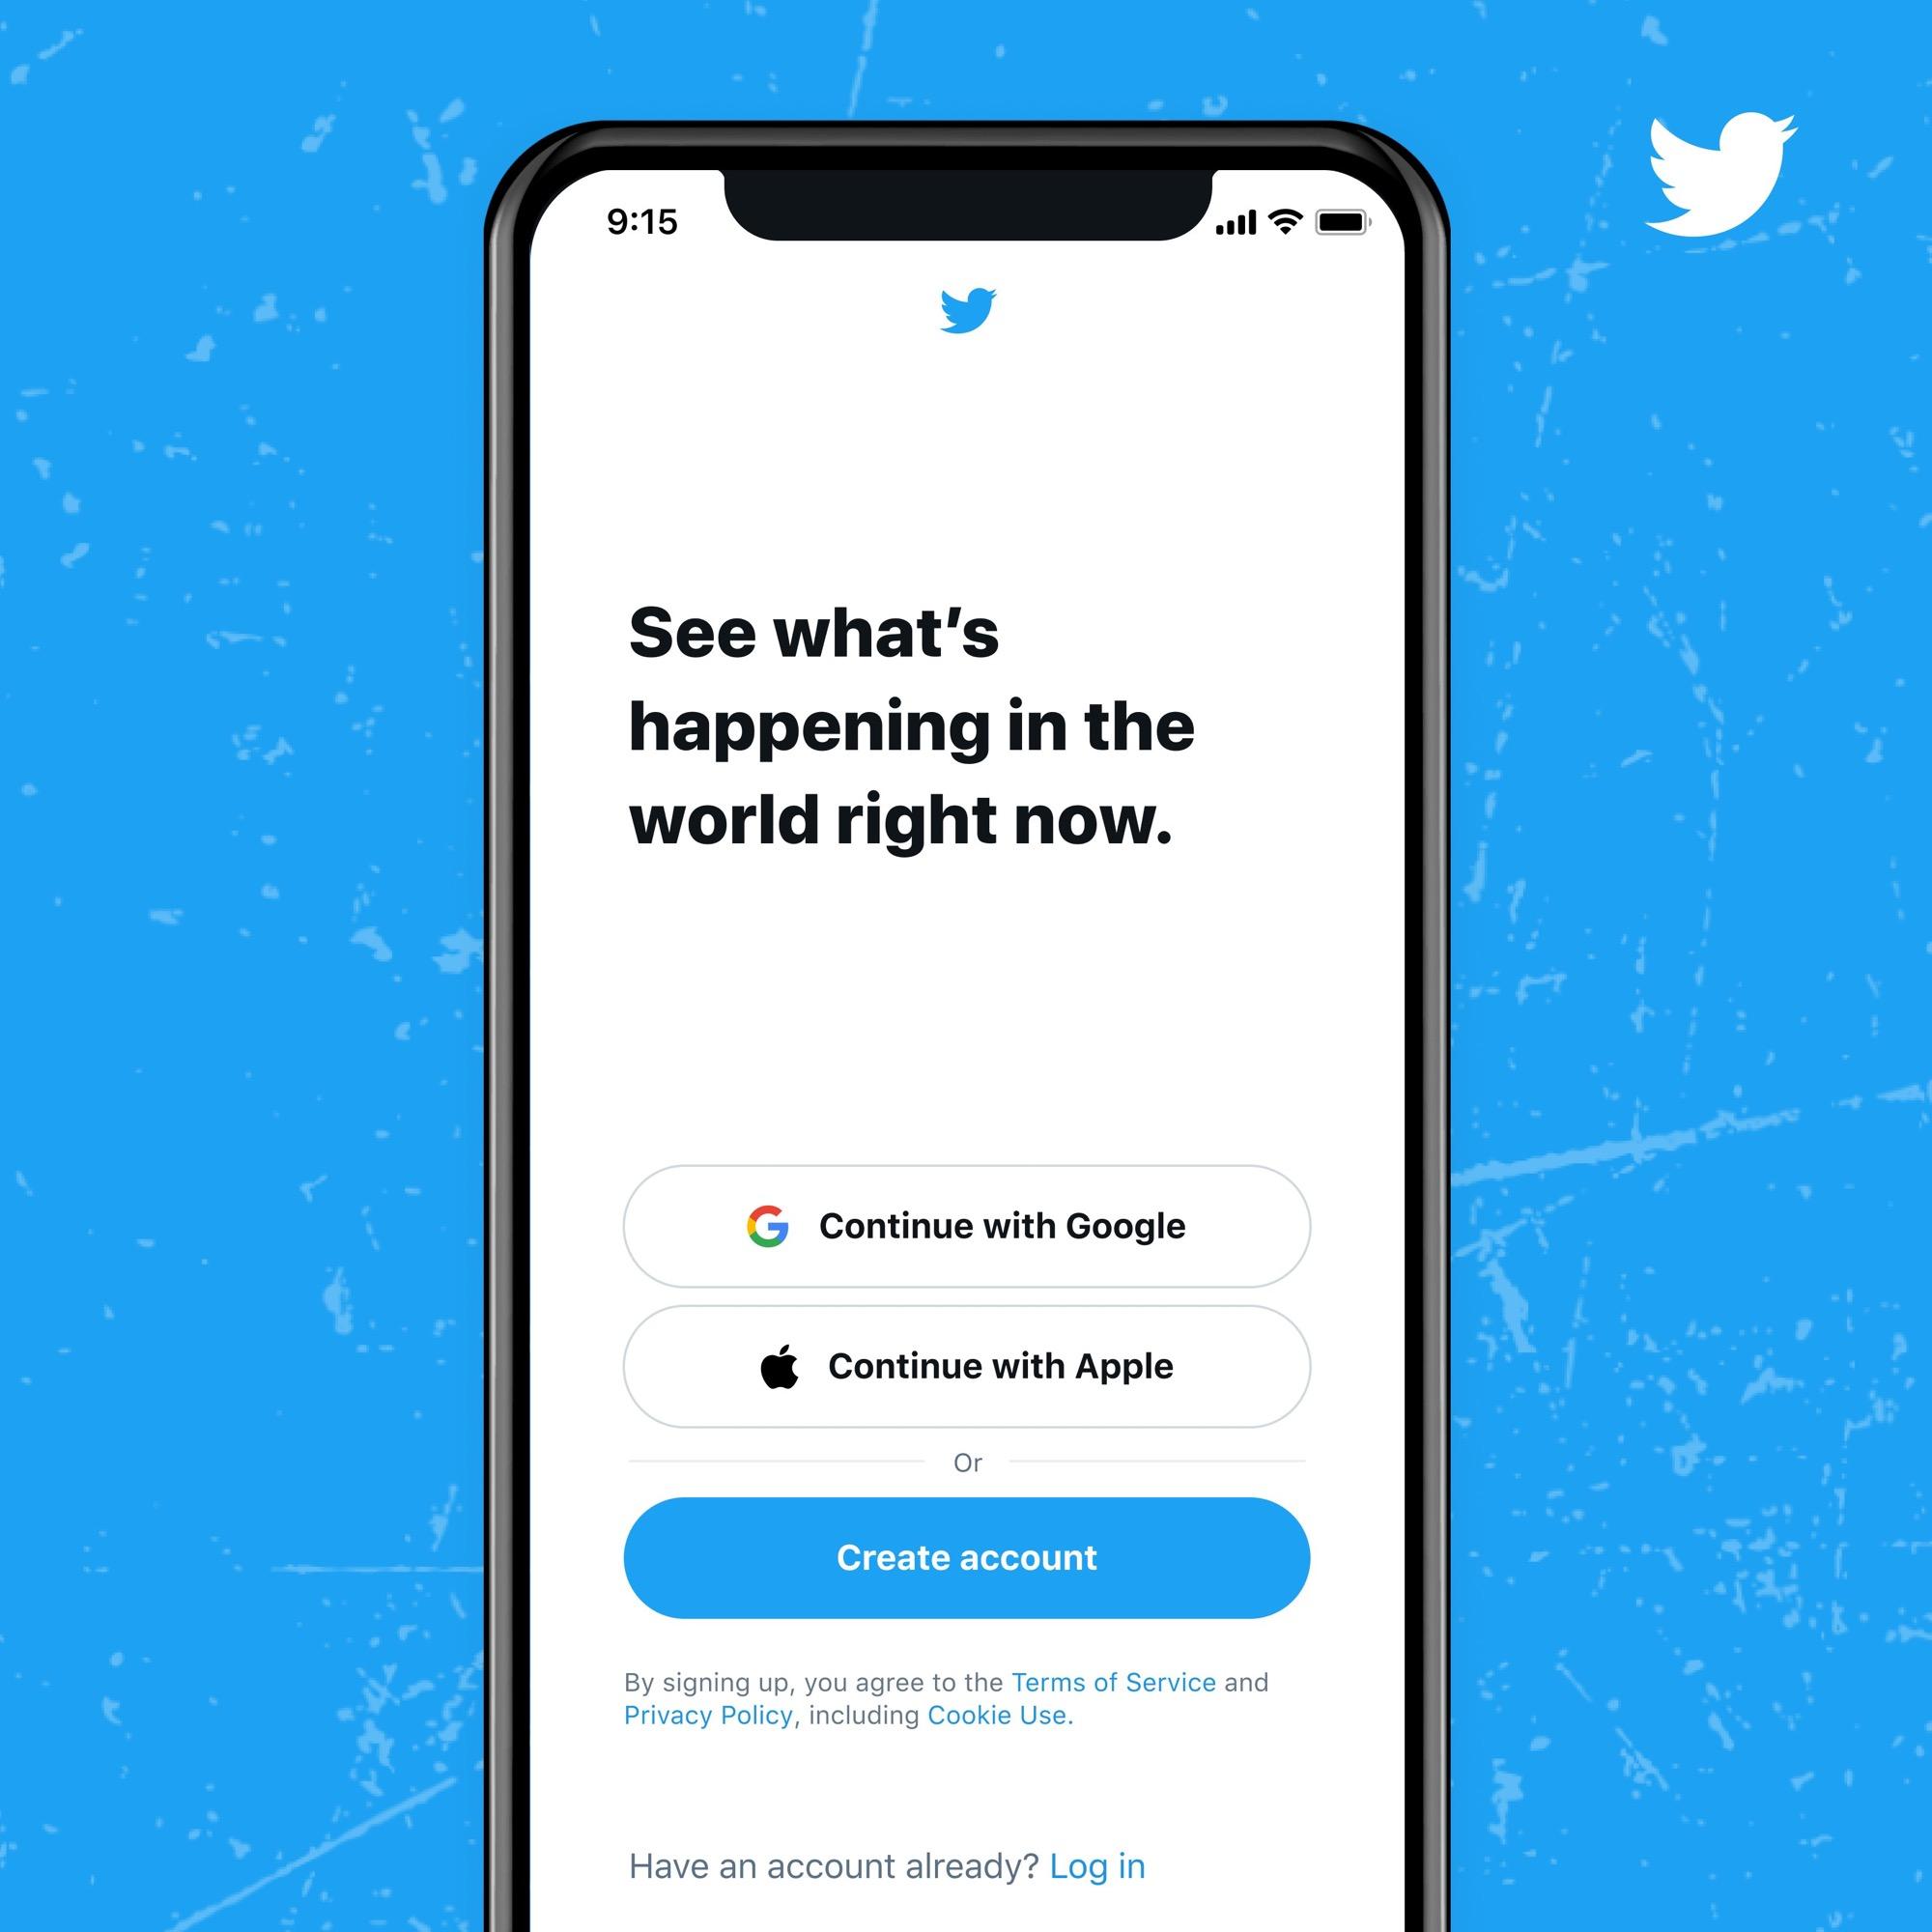 Logga in på Twitter med ditt Google- eller Apple-konto Det blir enklare att börja twittra